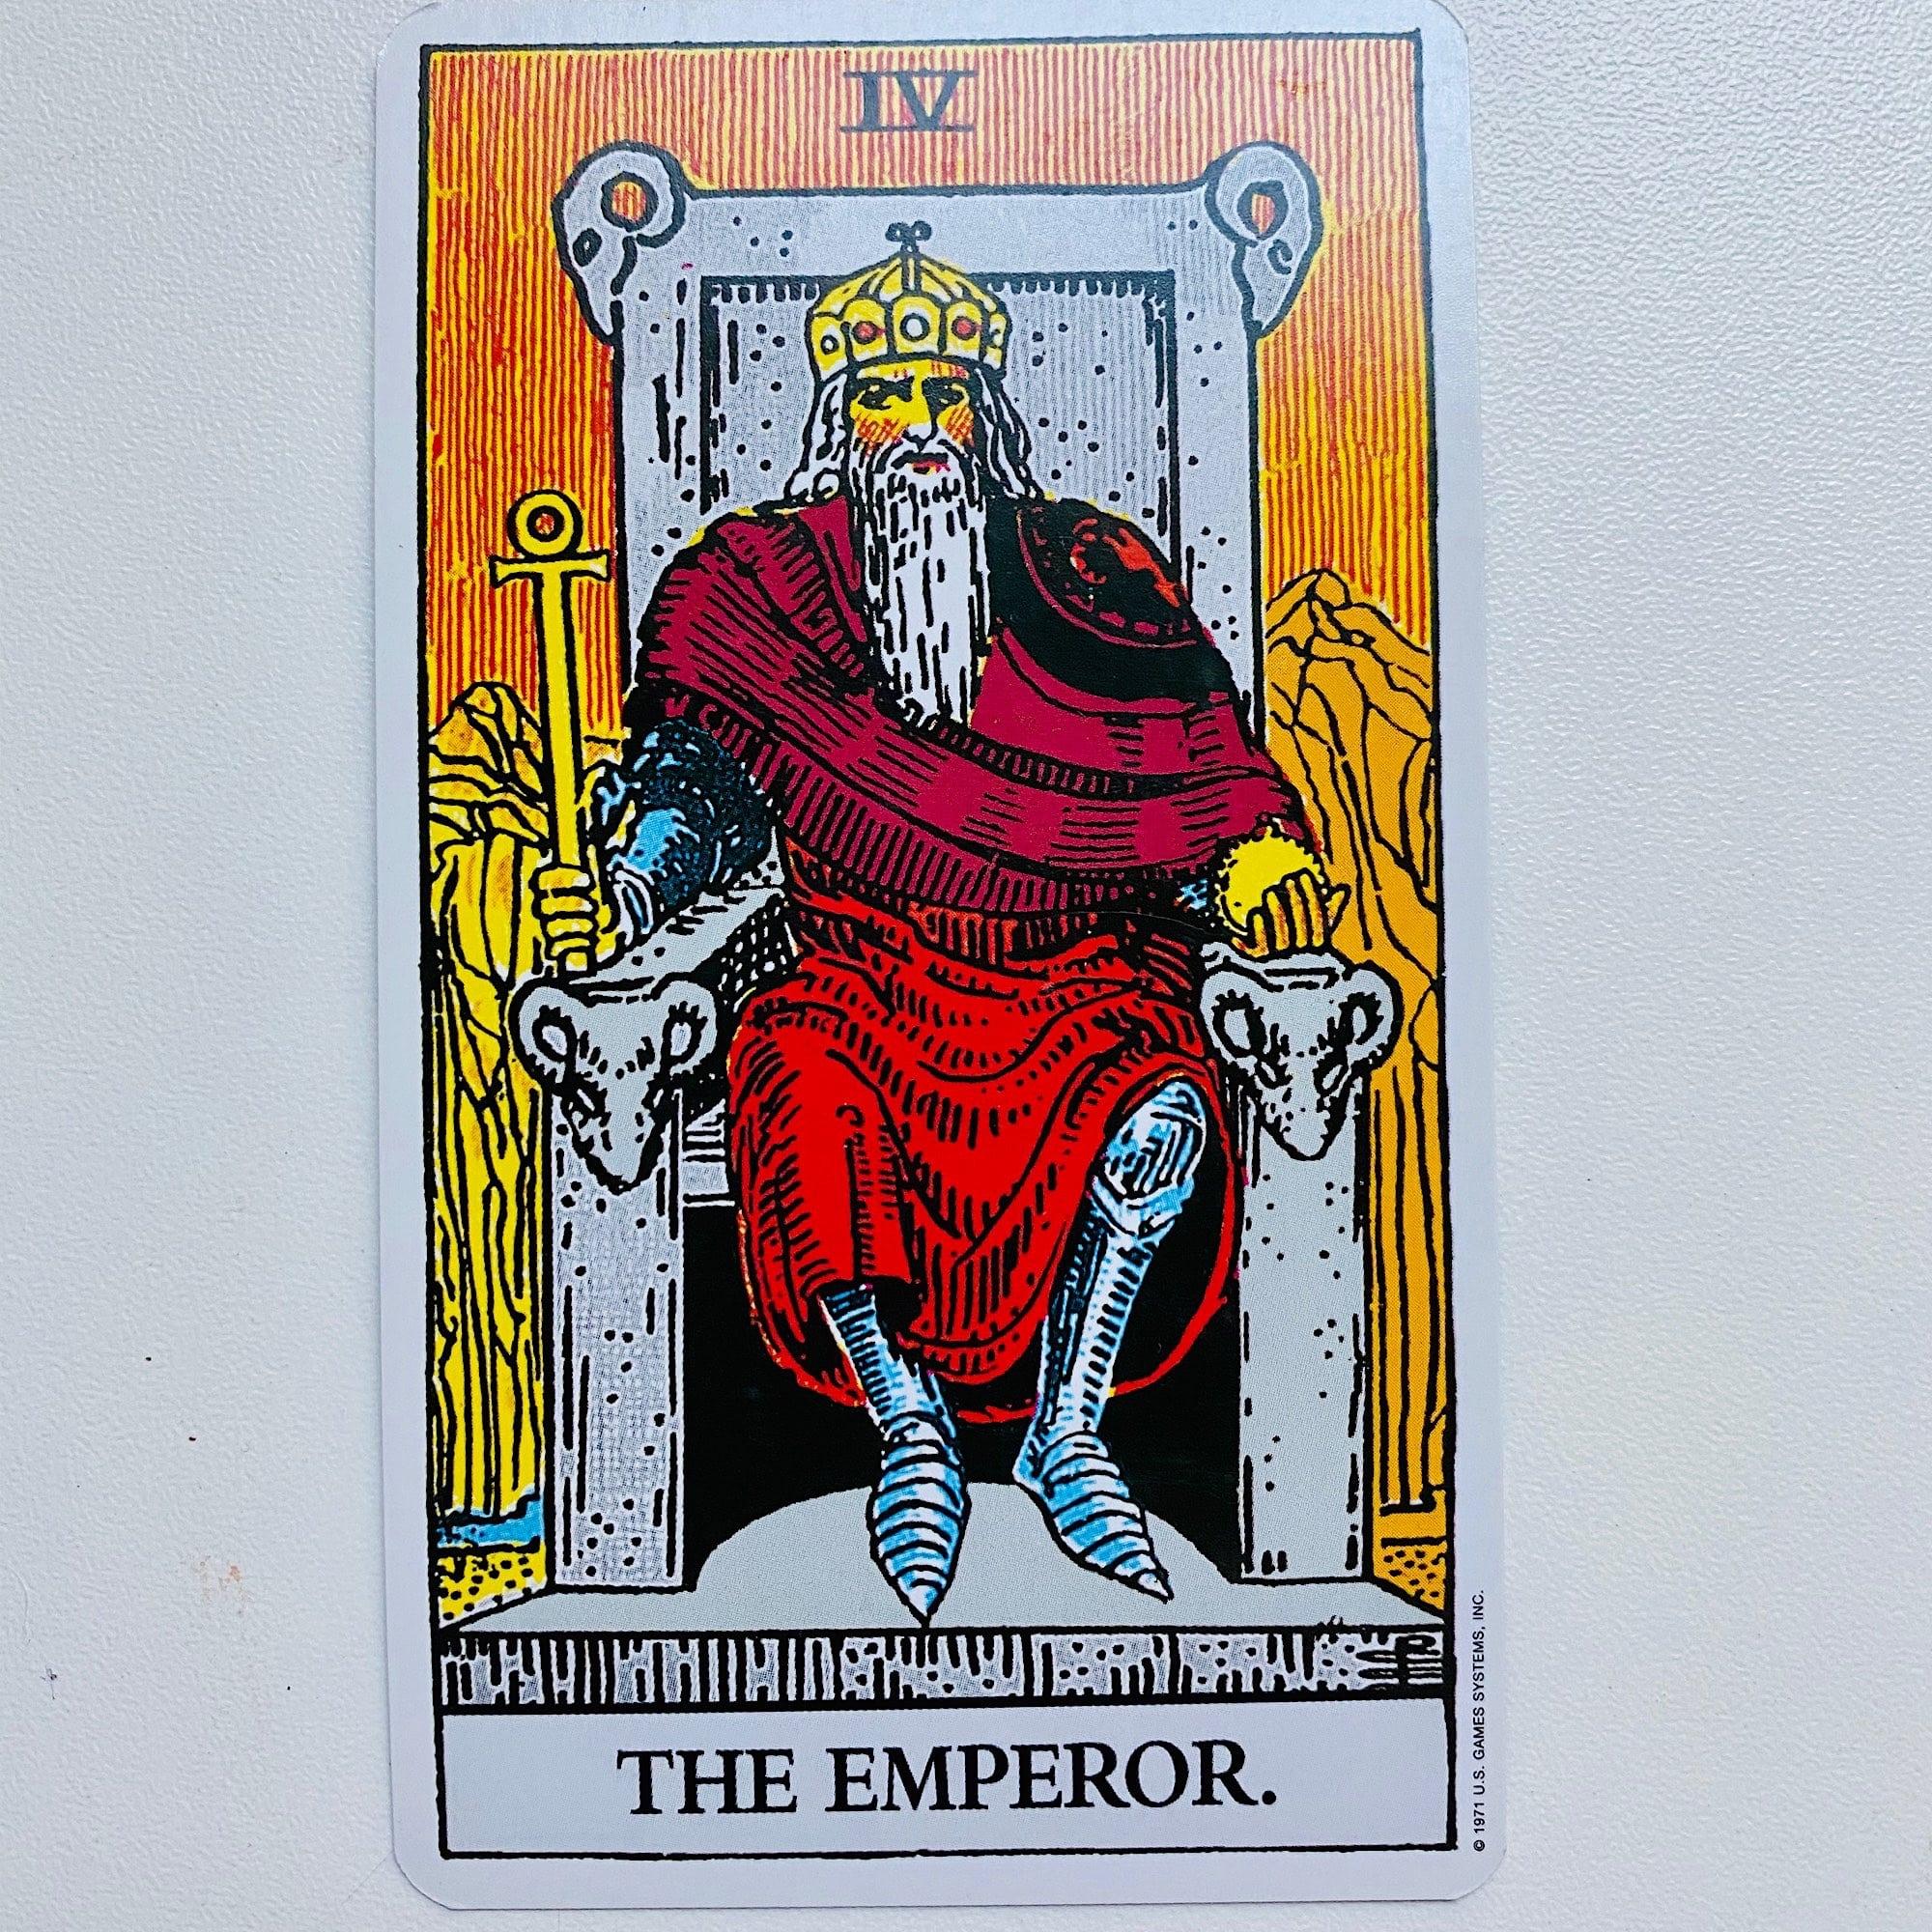 The Emperor RWS